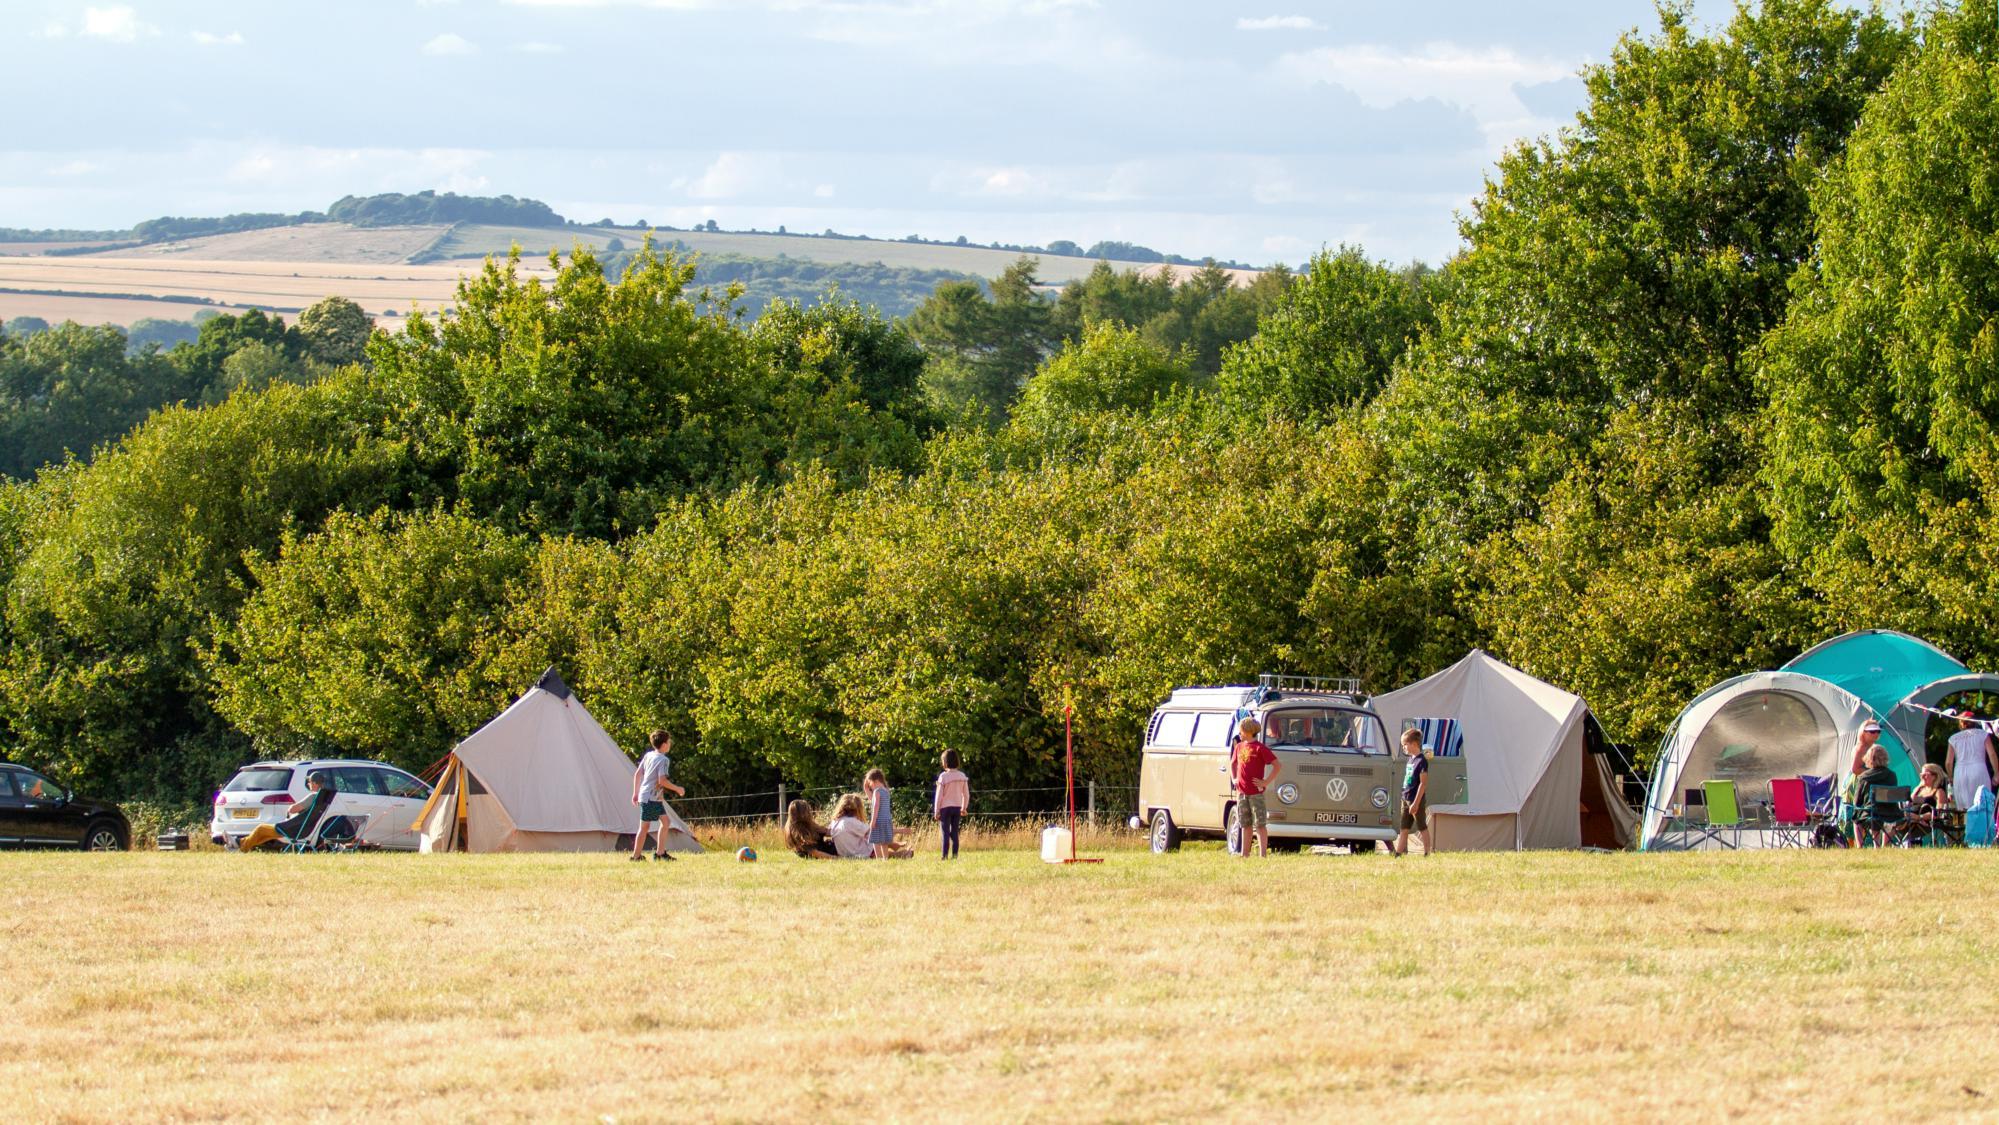 Campsites in Fordingbridge – I Love This Campsite